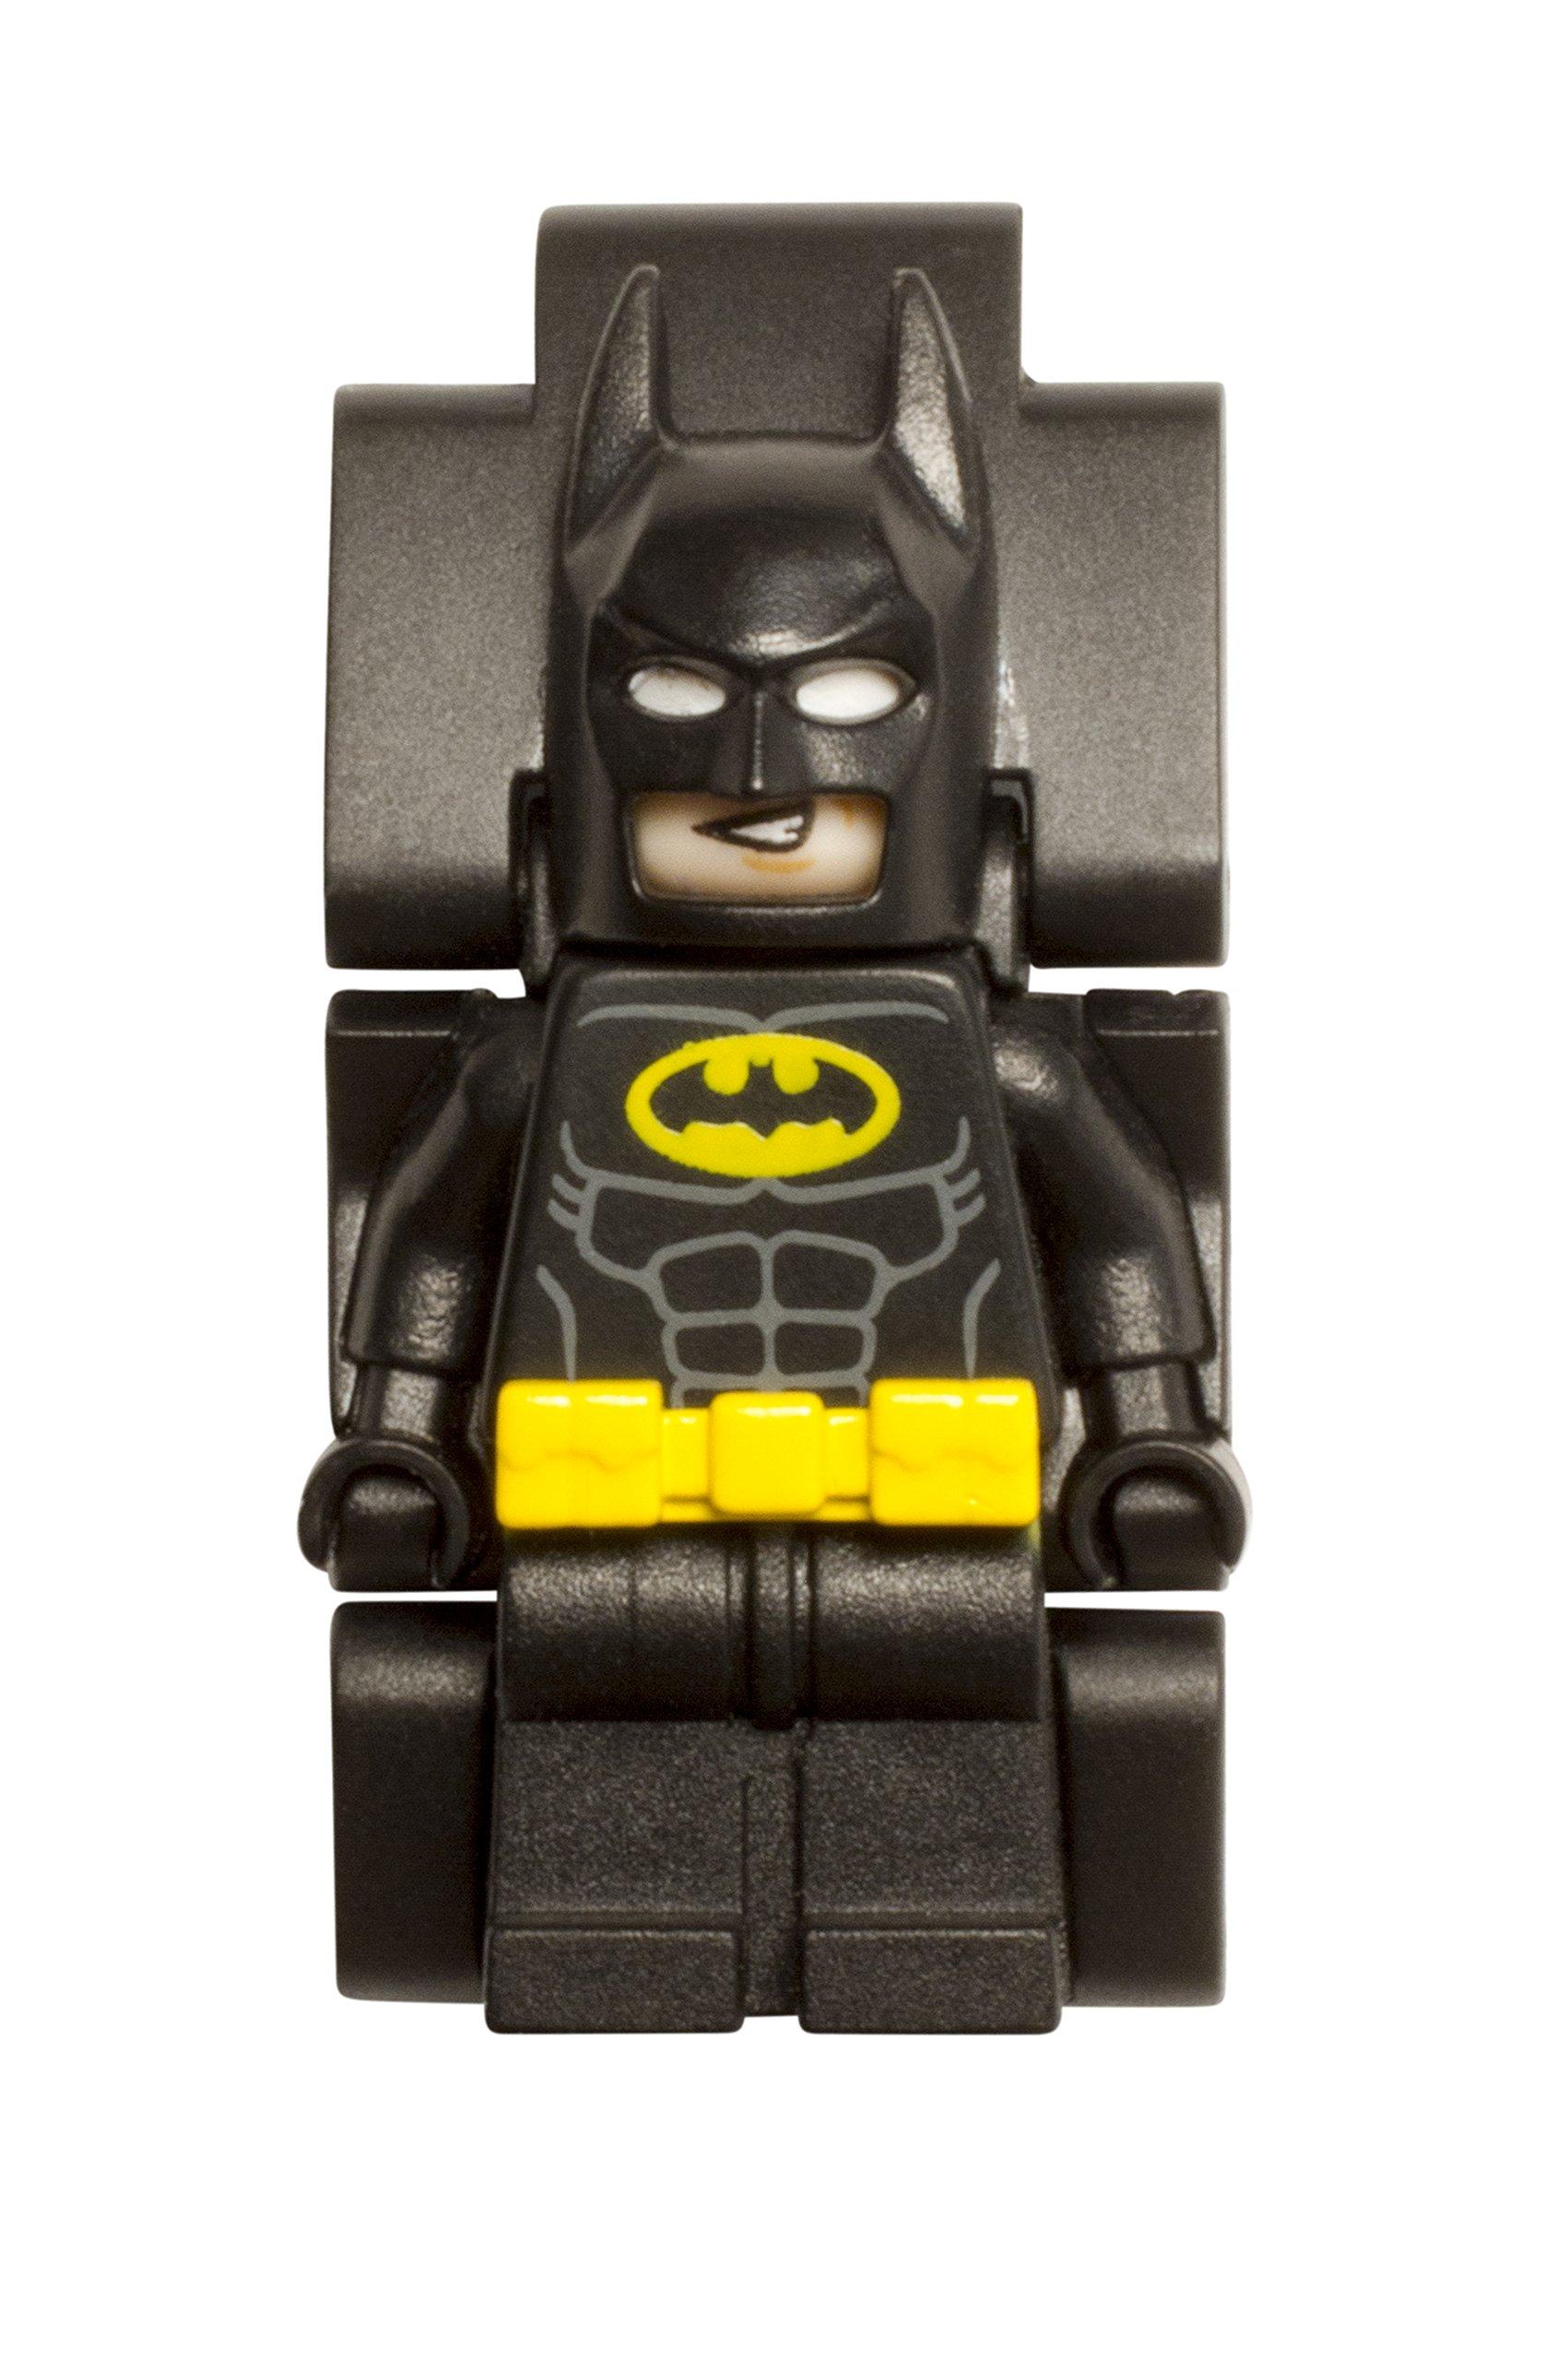 LEGO Batman 8020837 Orologio da polso componibile per bambini con minifigure Batman 3 spesavip